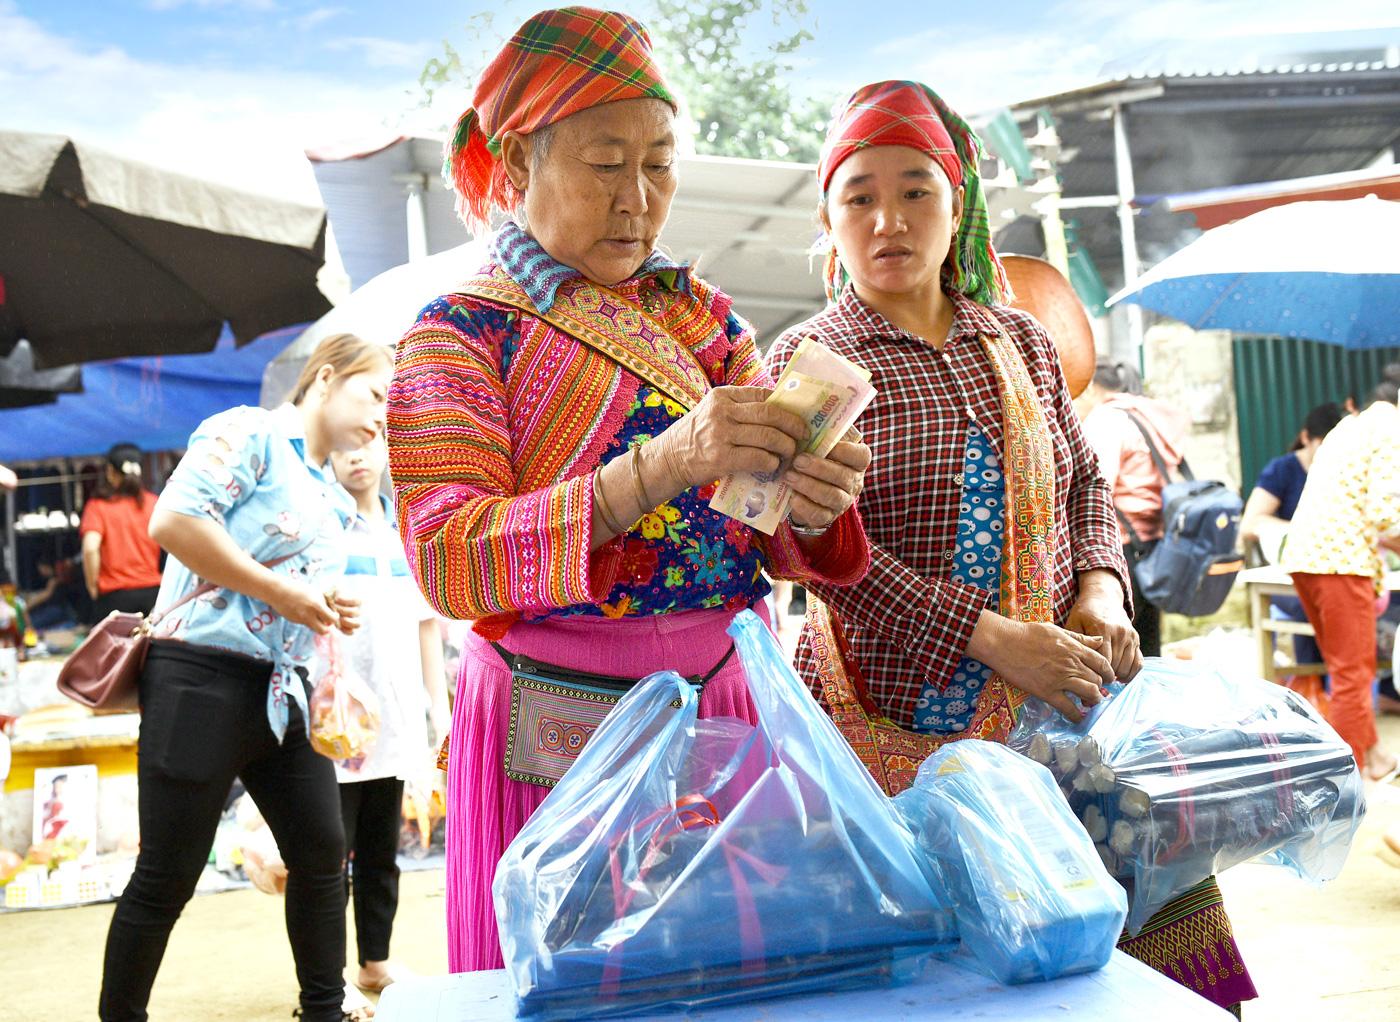 Xuống chợ mua mía về ăn là sở thích của dân tộc Mông